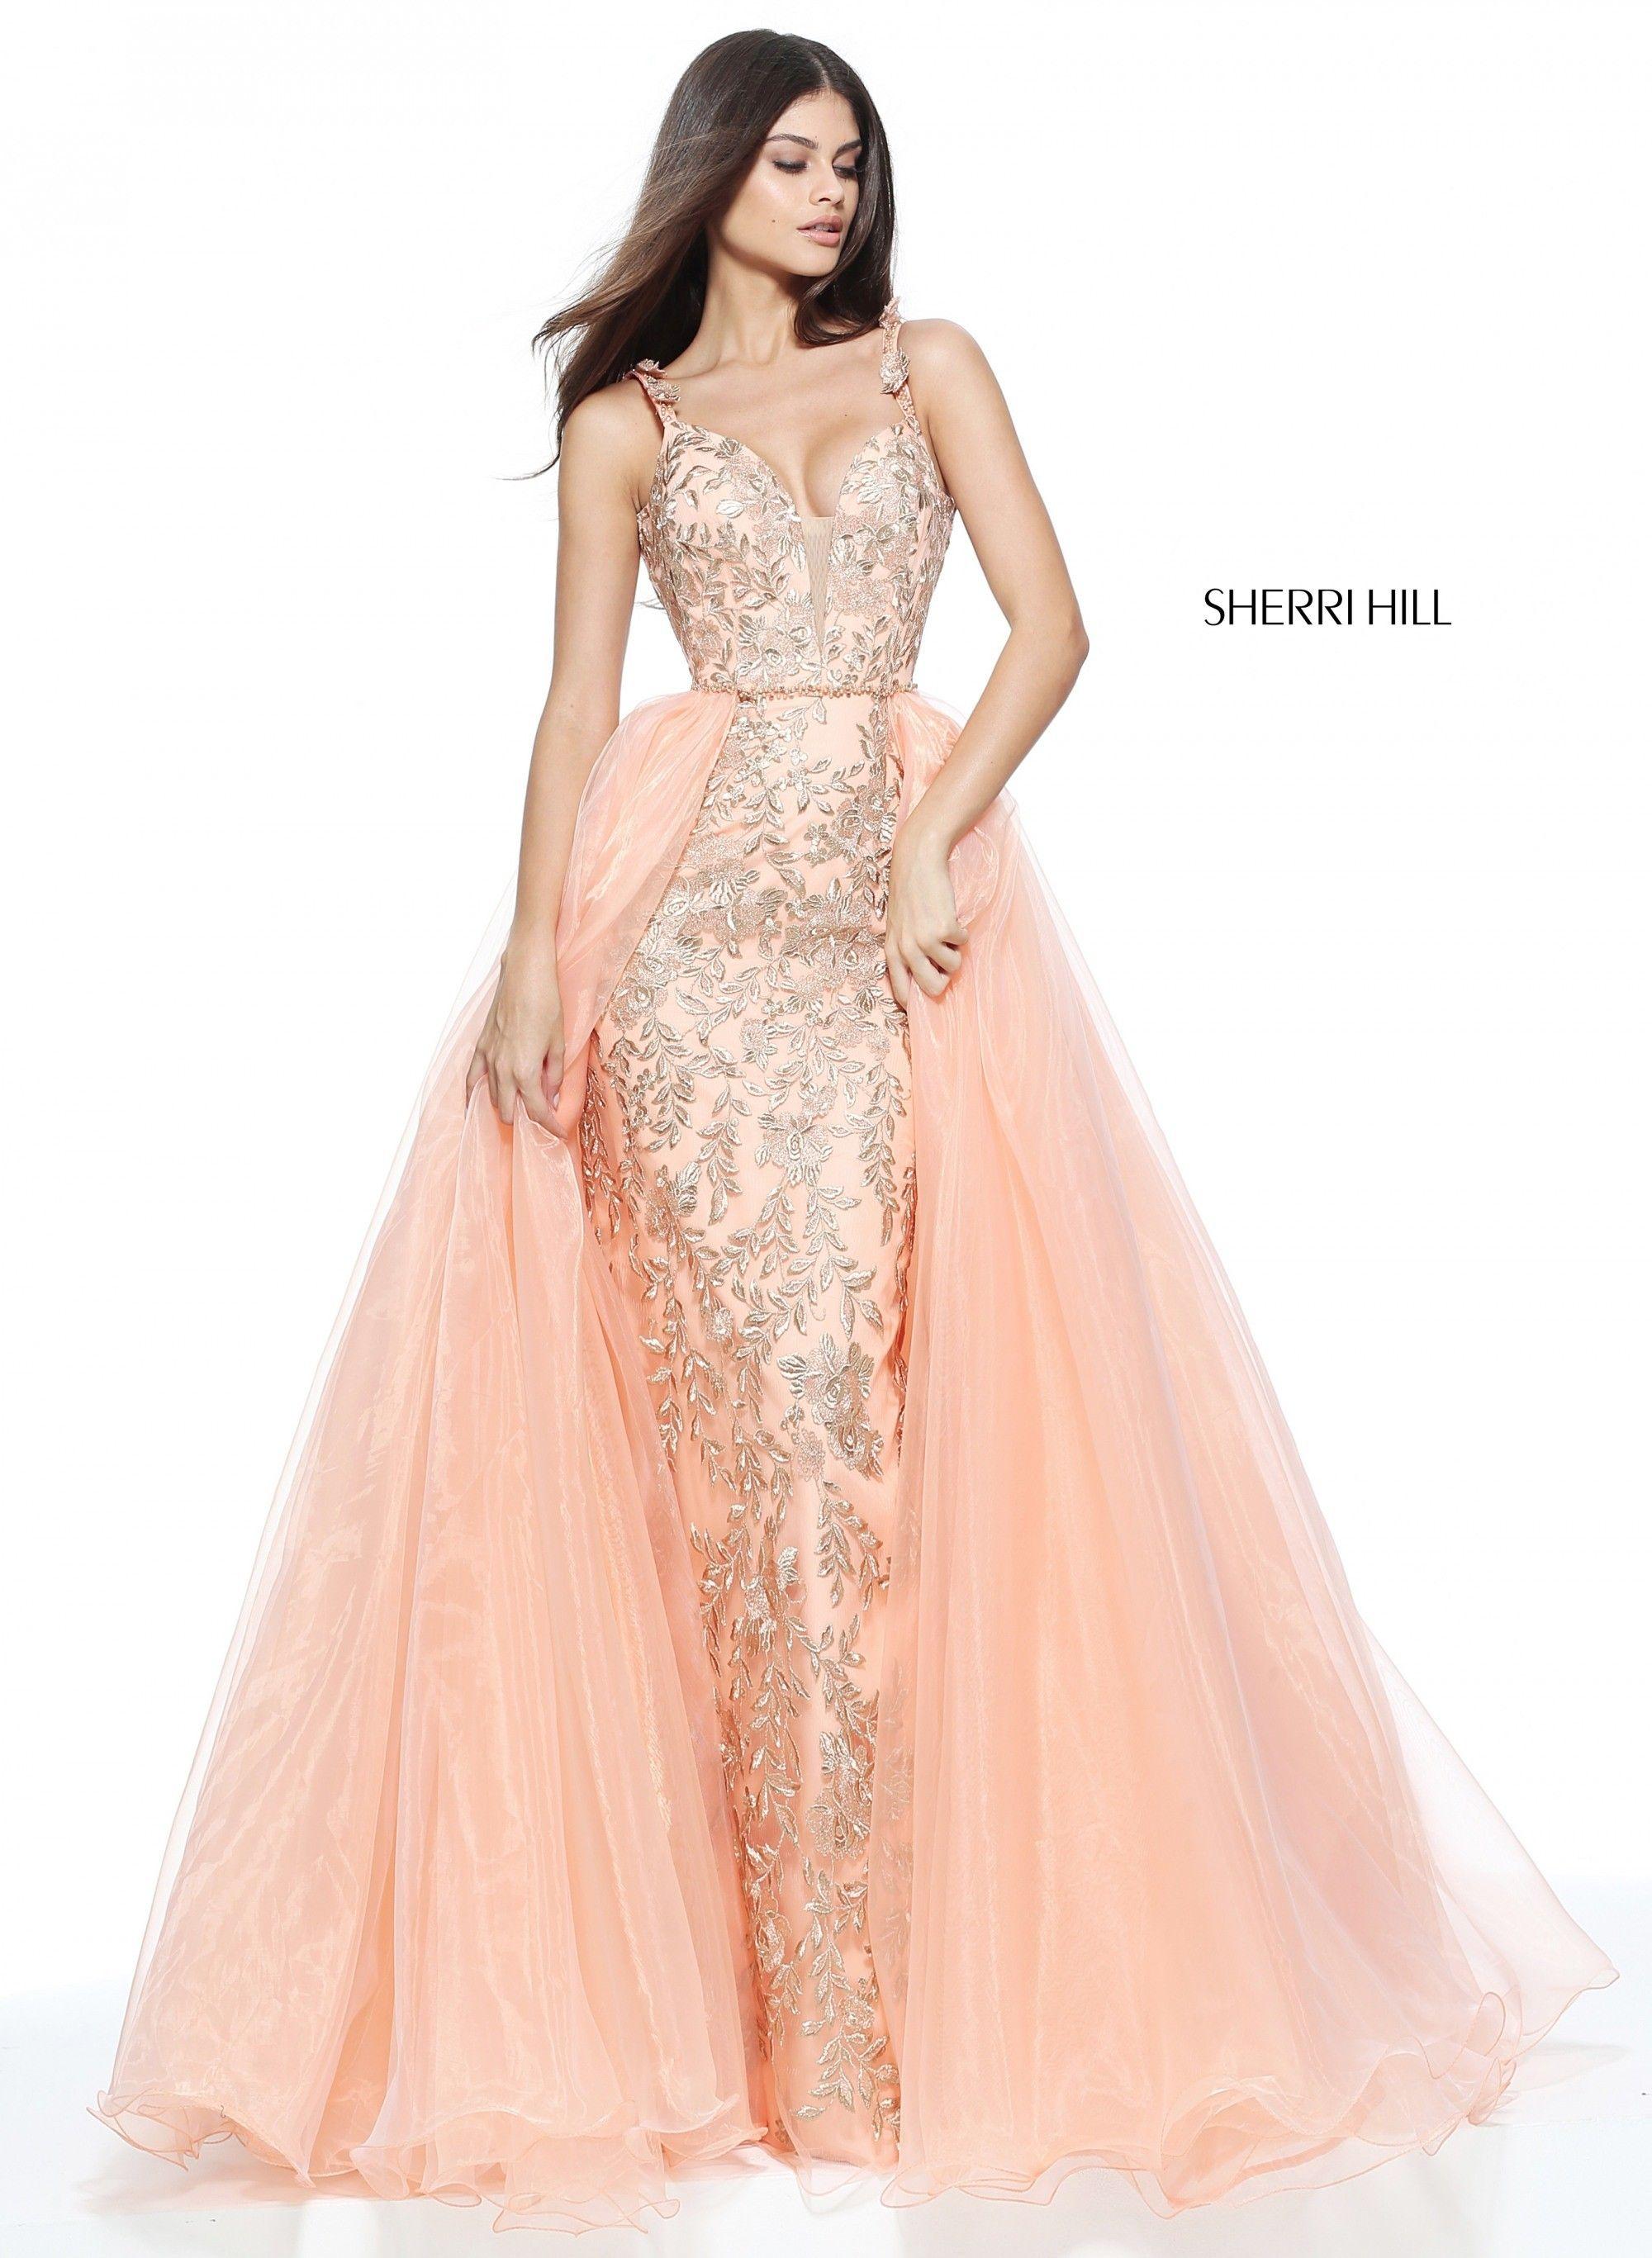 Sherri Hill 51240 Prom Dress d0f60472b894